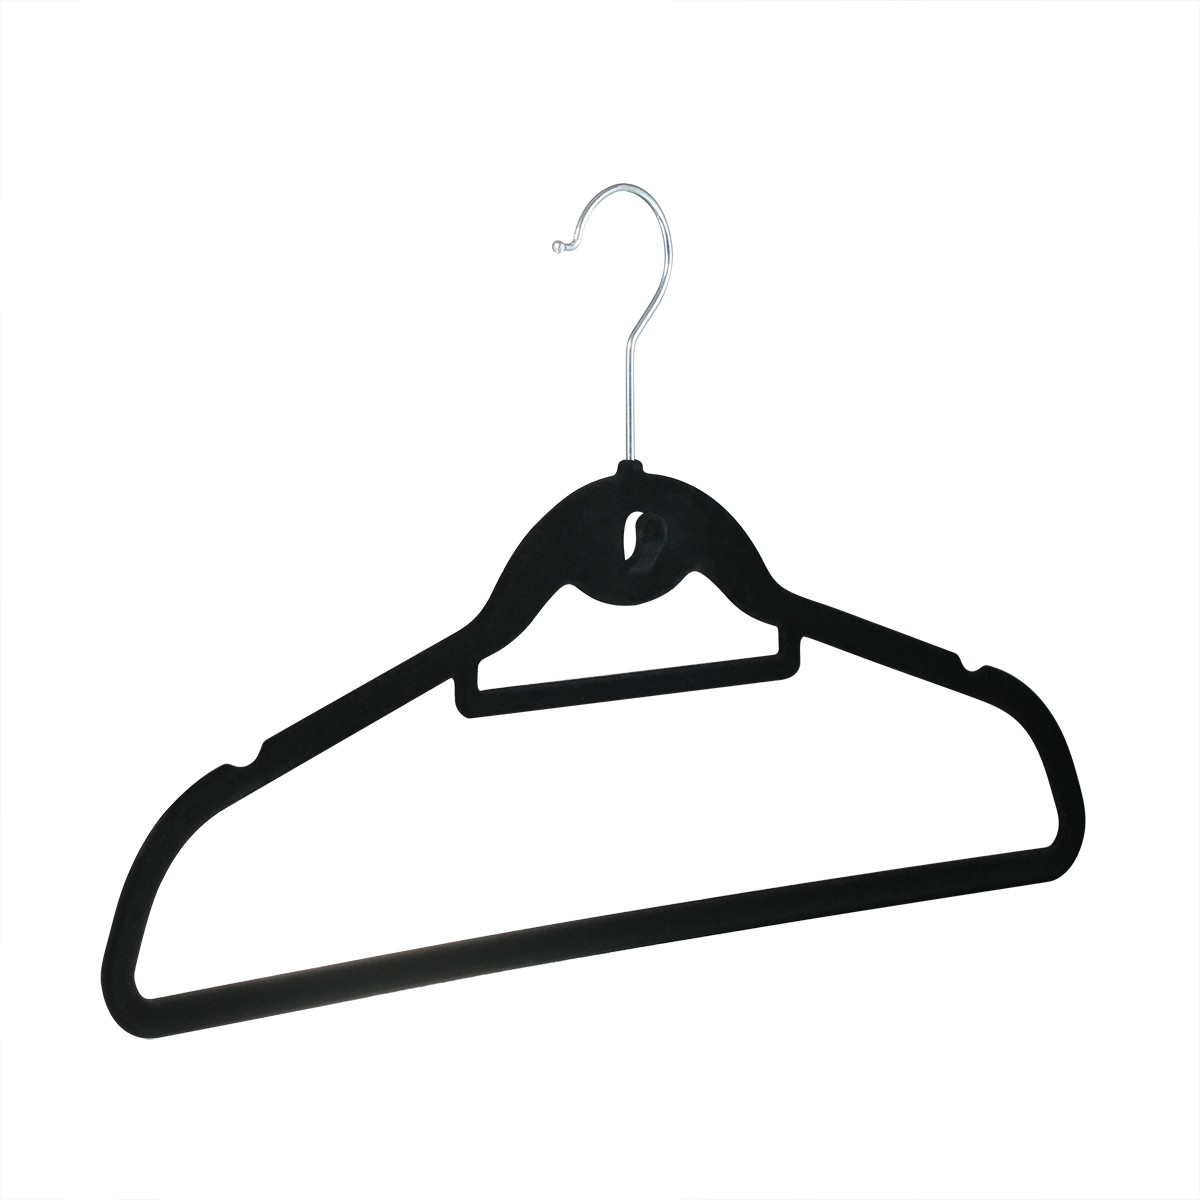 Cascading Velvet Hangers 120 Pack Ultra Thin Non Slip